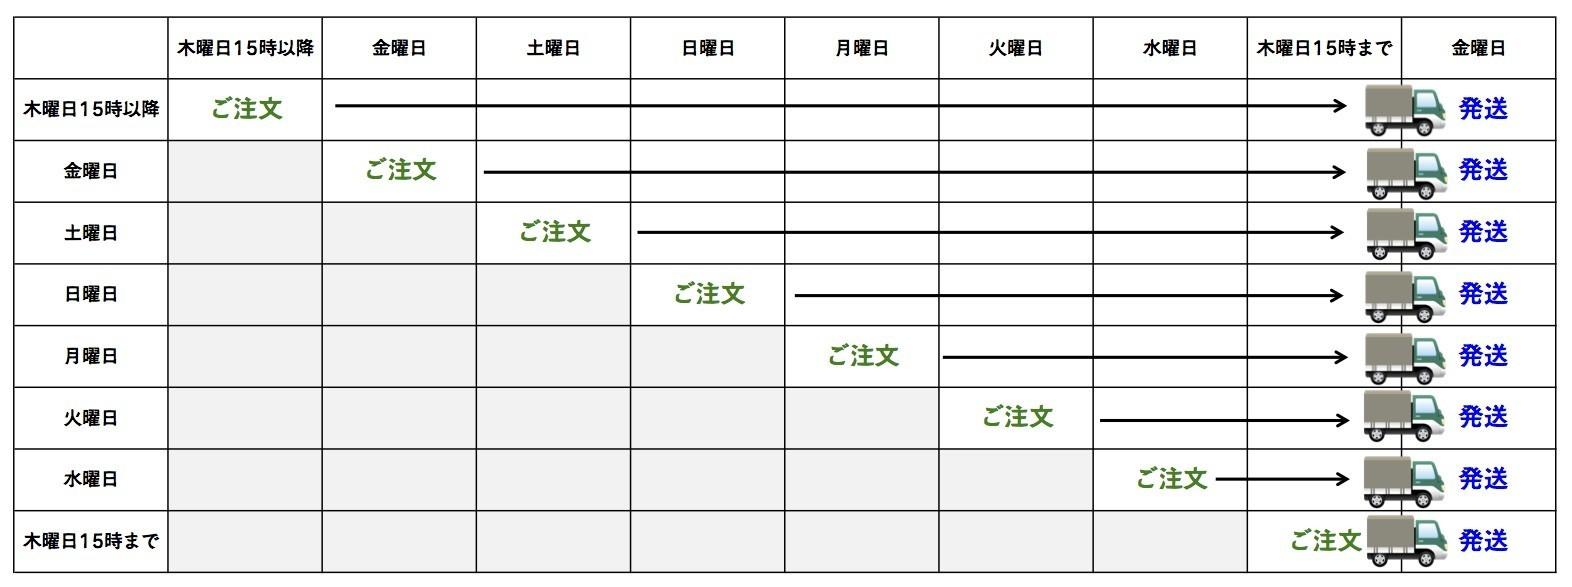 【風ノ旅ビト】レコード・セット(2LP) - 画像5